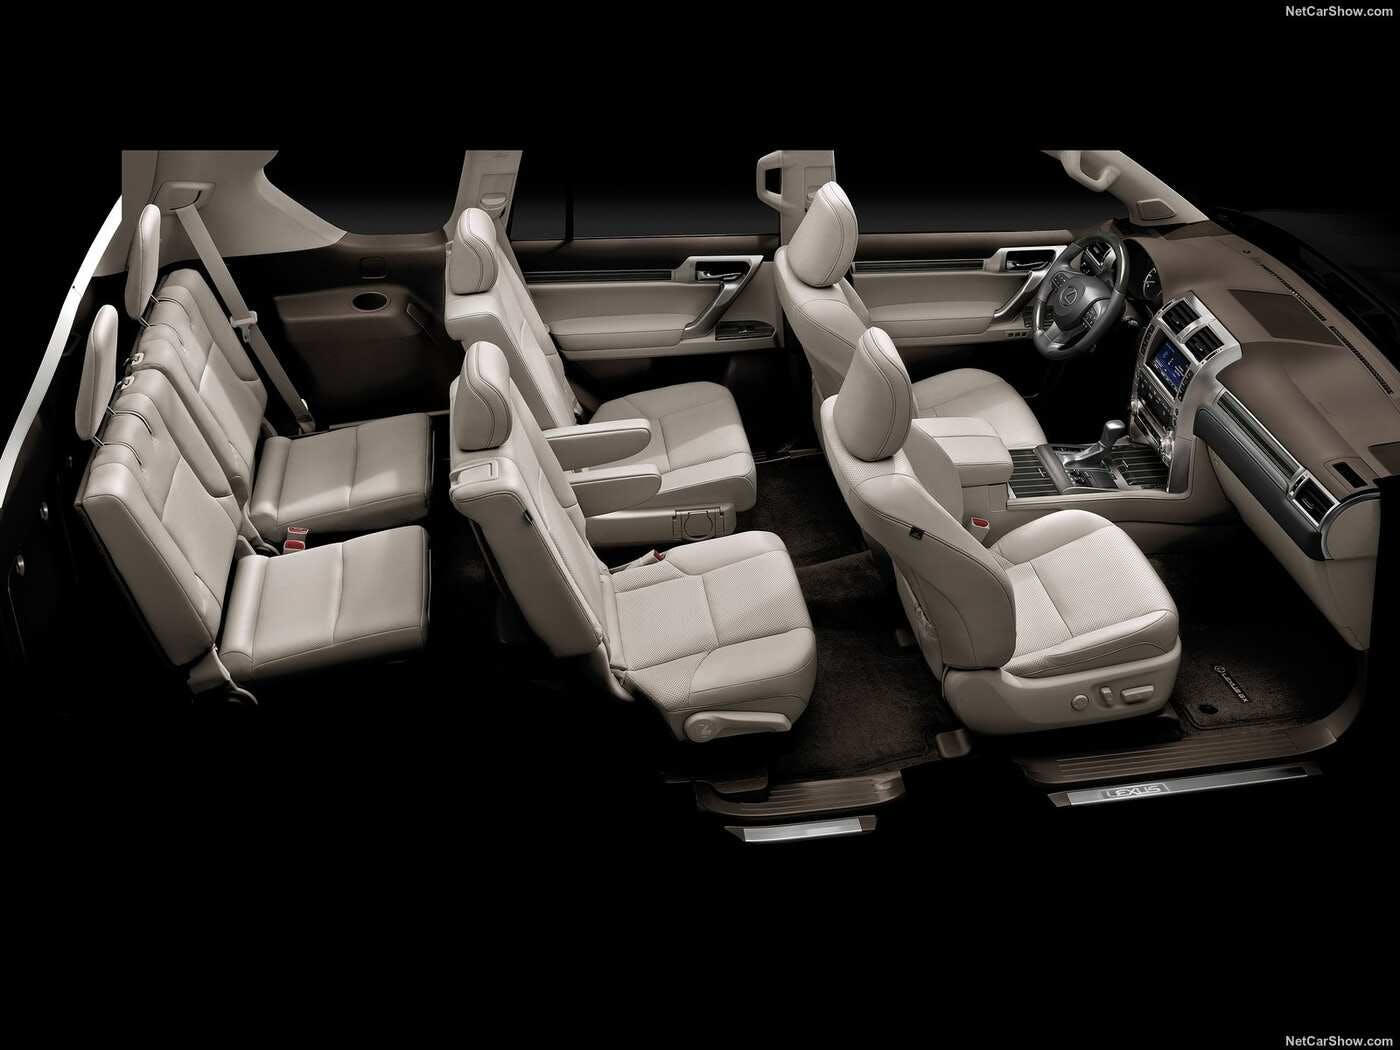 2020 Lexus Gx Comparisons Reviews Pictures Truecar